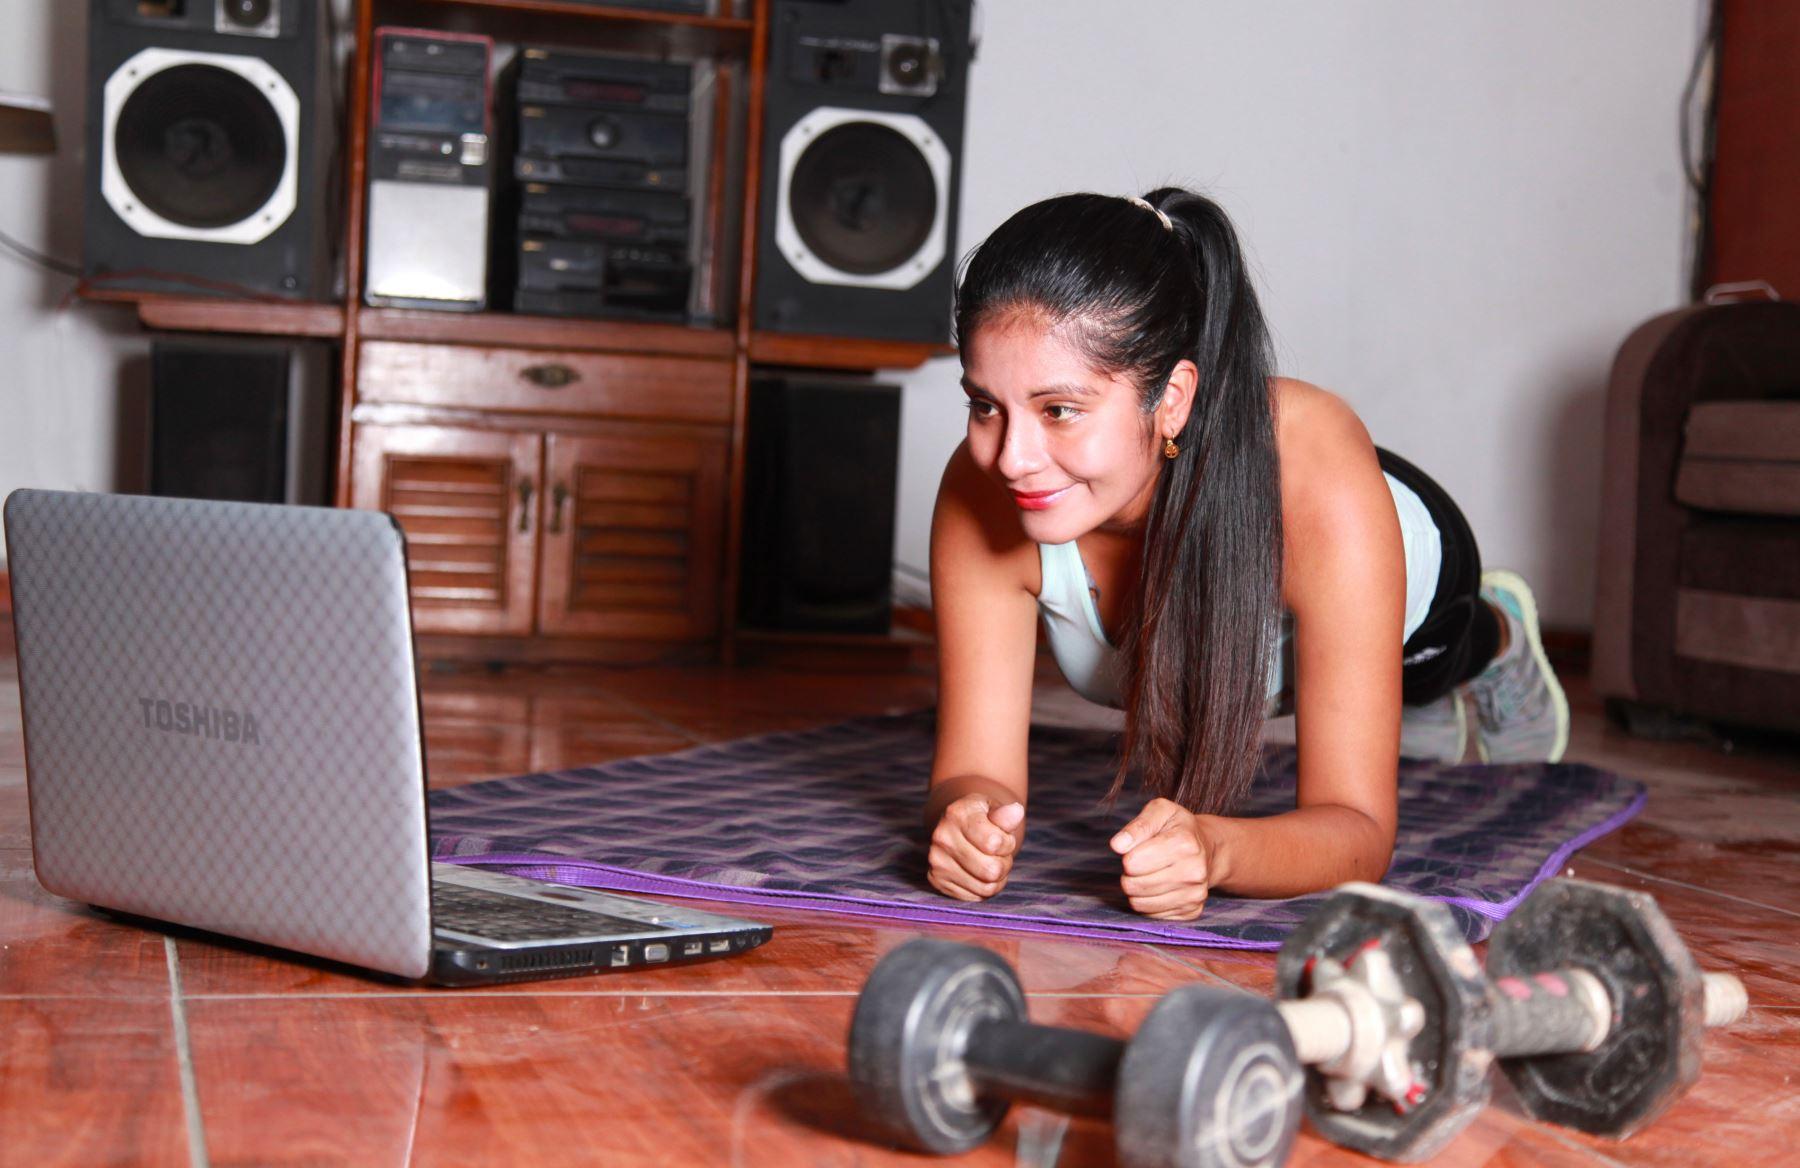 Durante el aislamiento domiciliario que se extenderá hasta el 12 de abril, recomiendan realizar actividades físicas durante 20 minutos cada día.